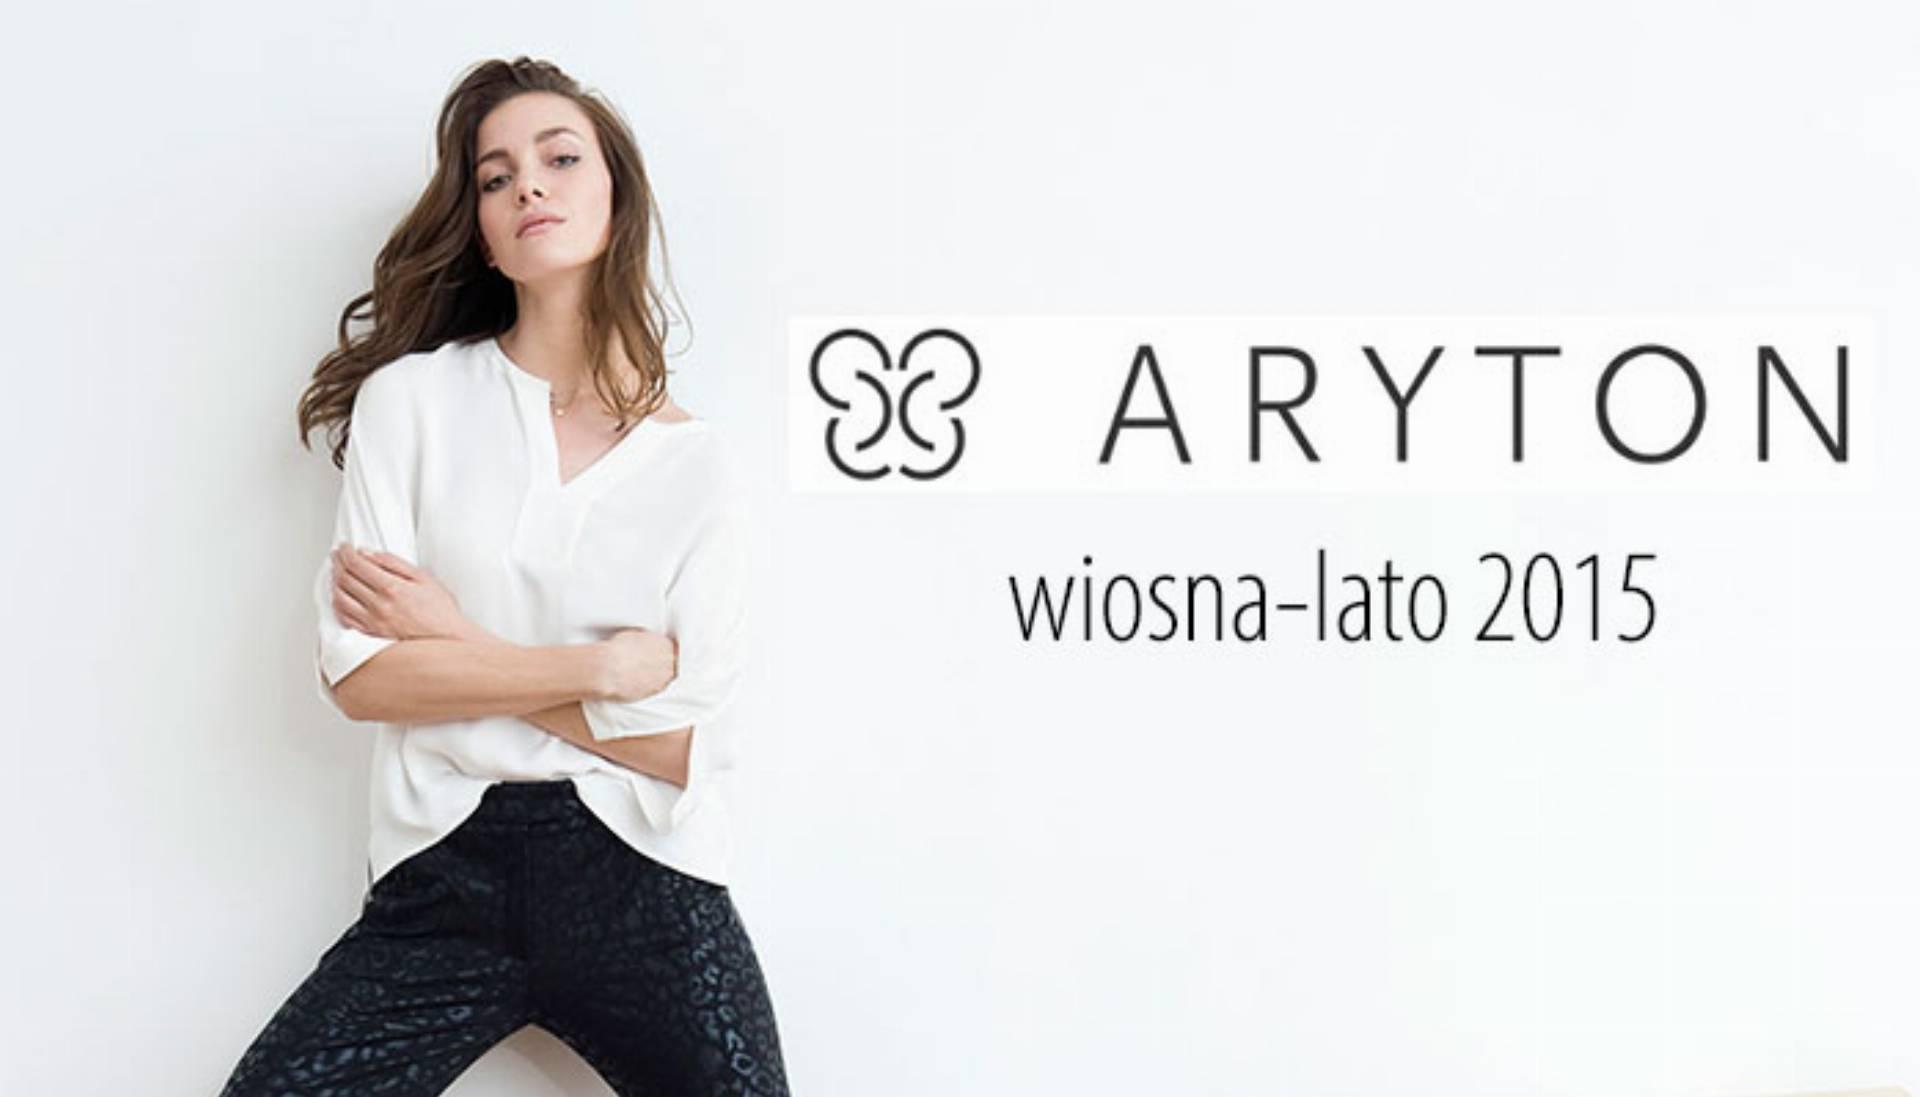 ARYTON Wiosna-Lato 2015